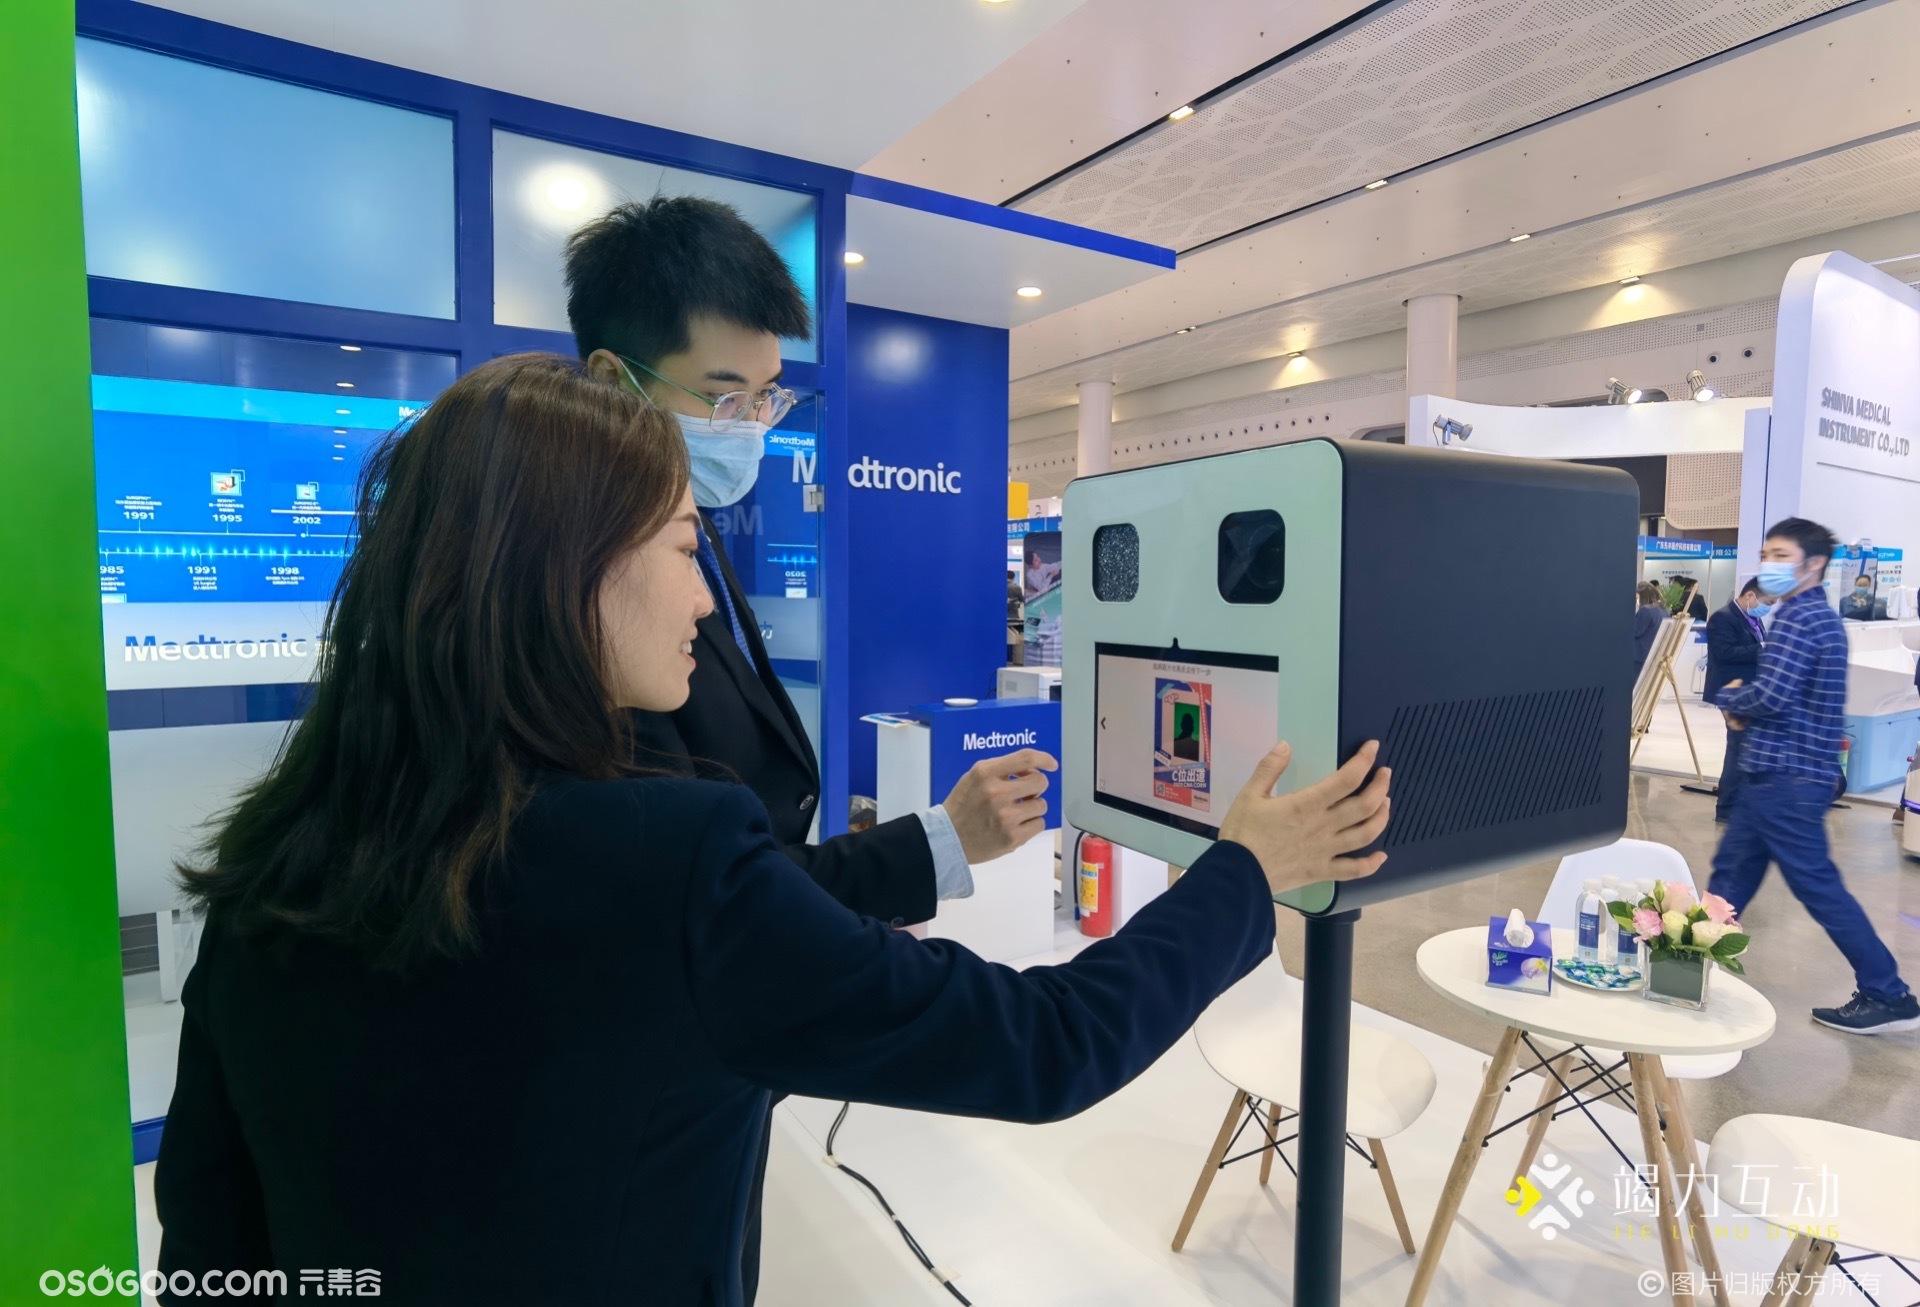 中华护理学会第24届全国手术室护理学术交流会议绿幕拍照互动